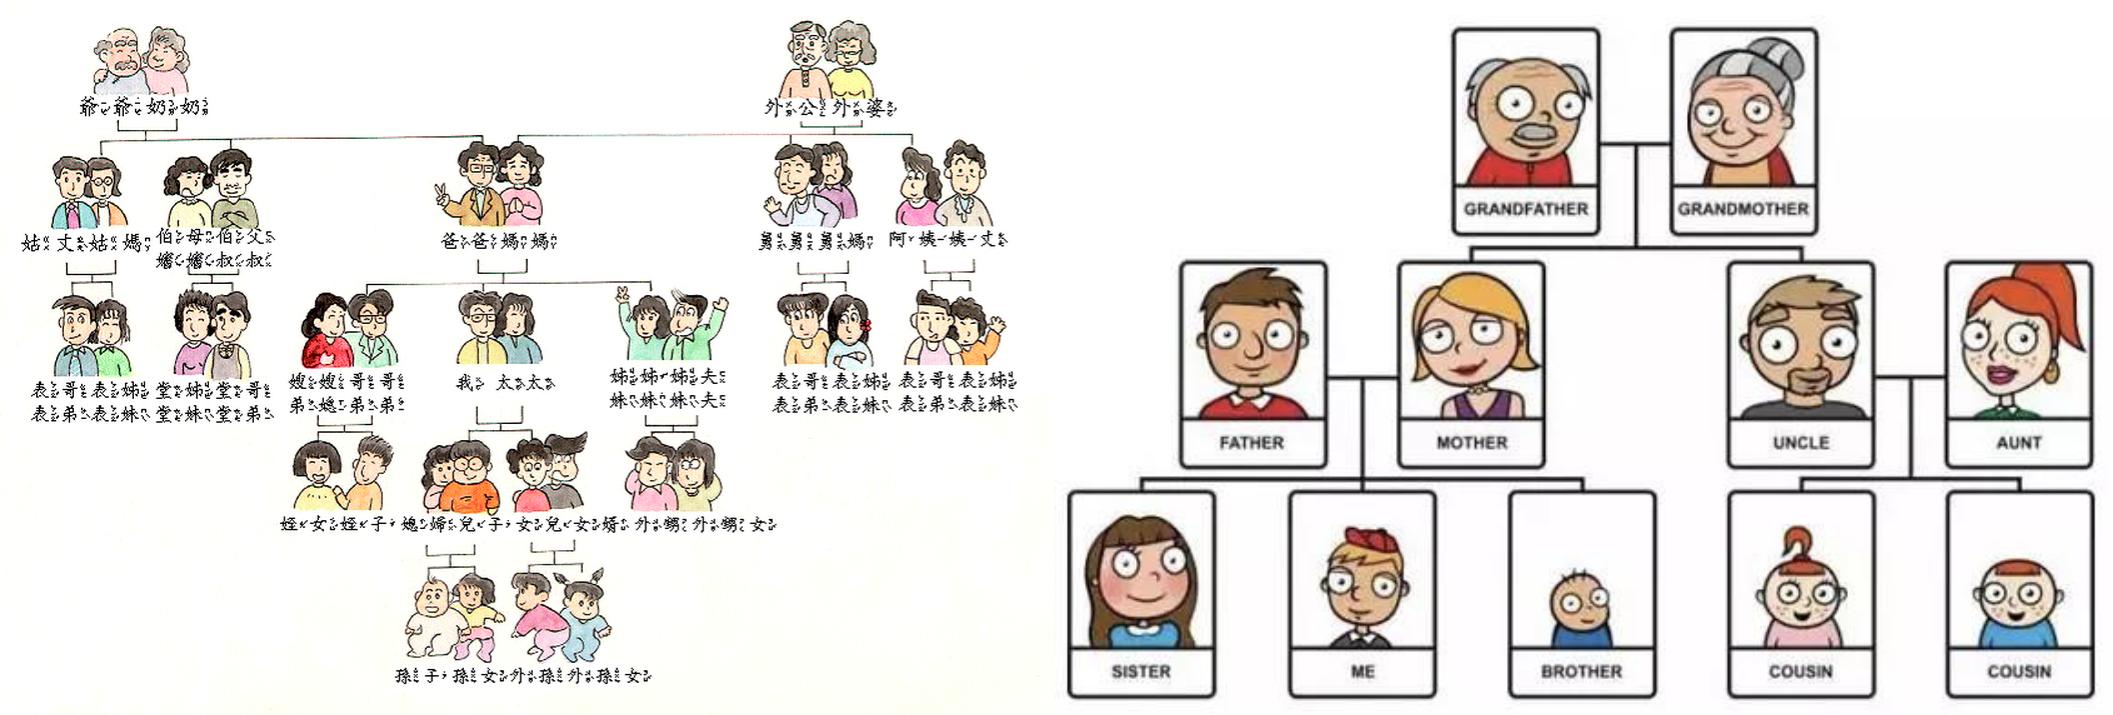 伯叔舅姑姨 vs. uncle & aunt